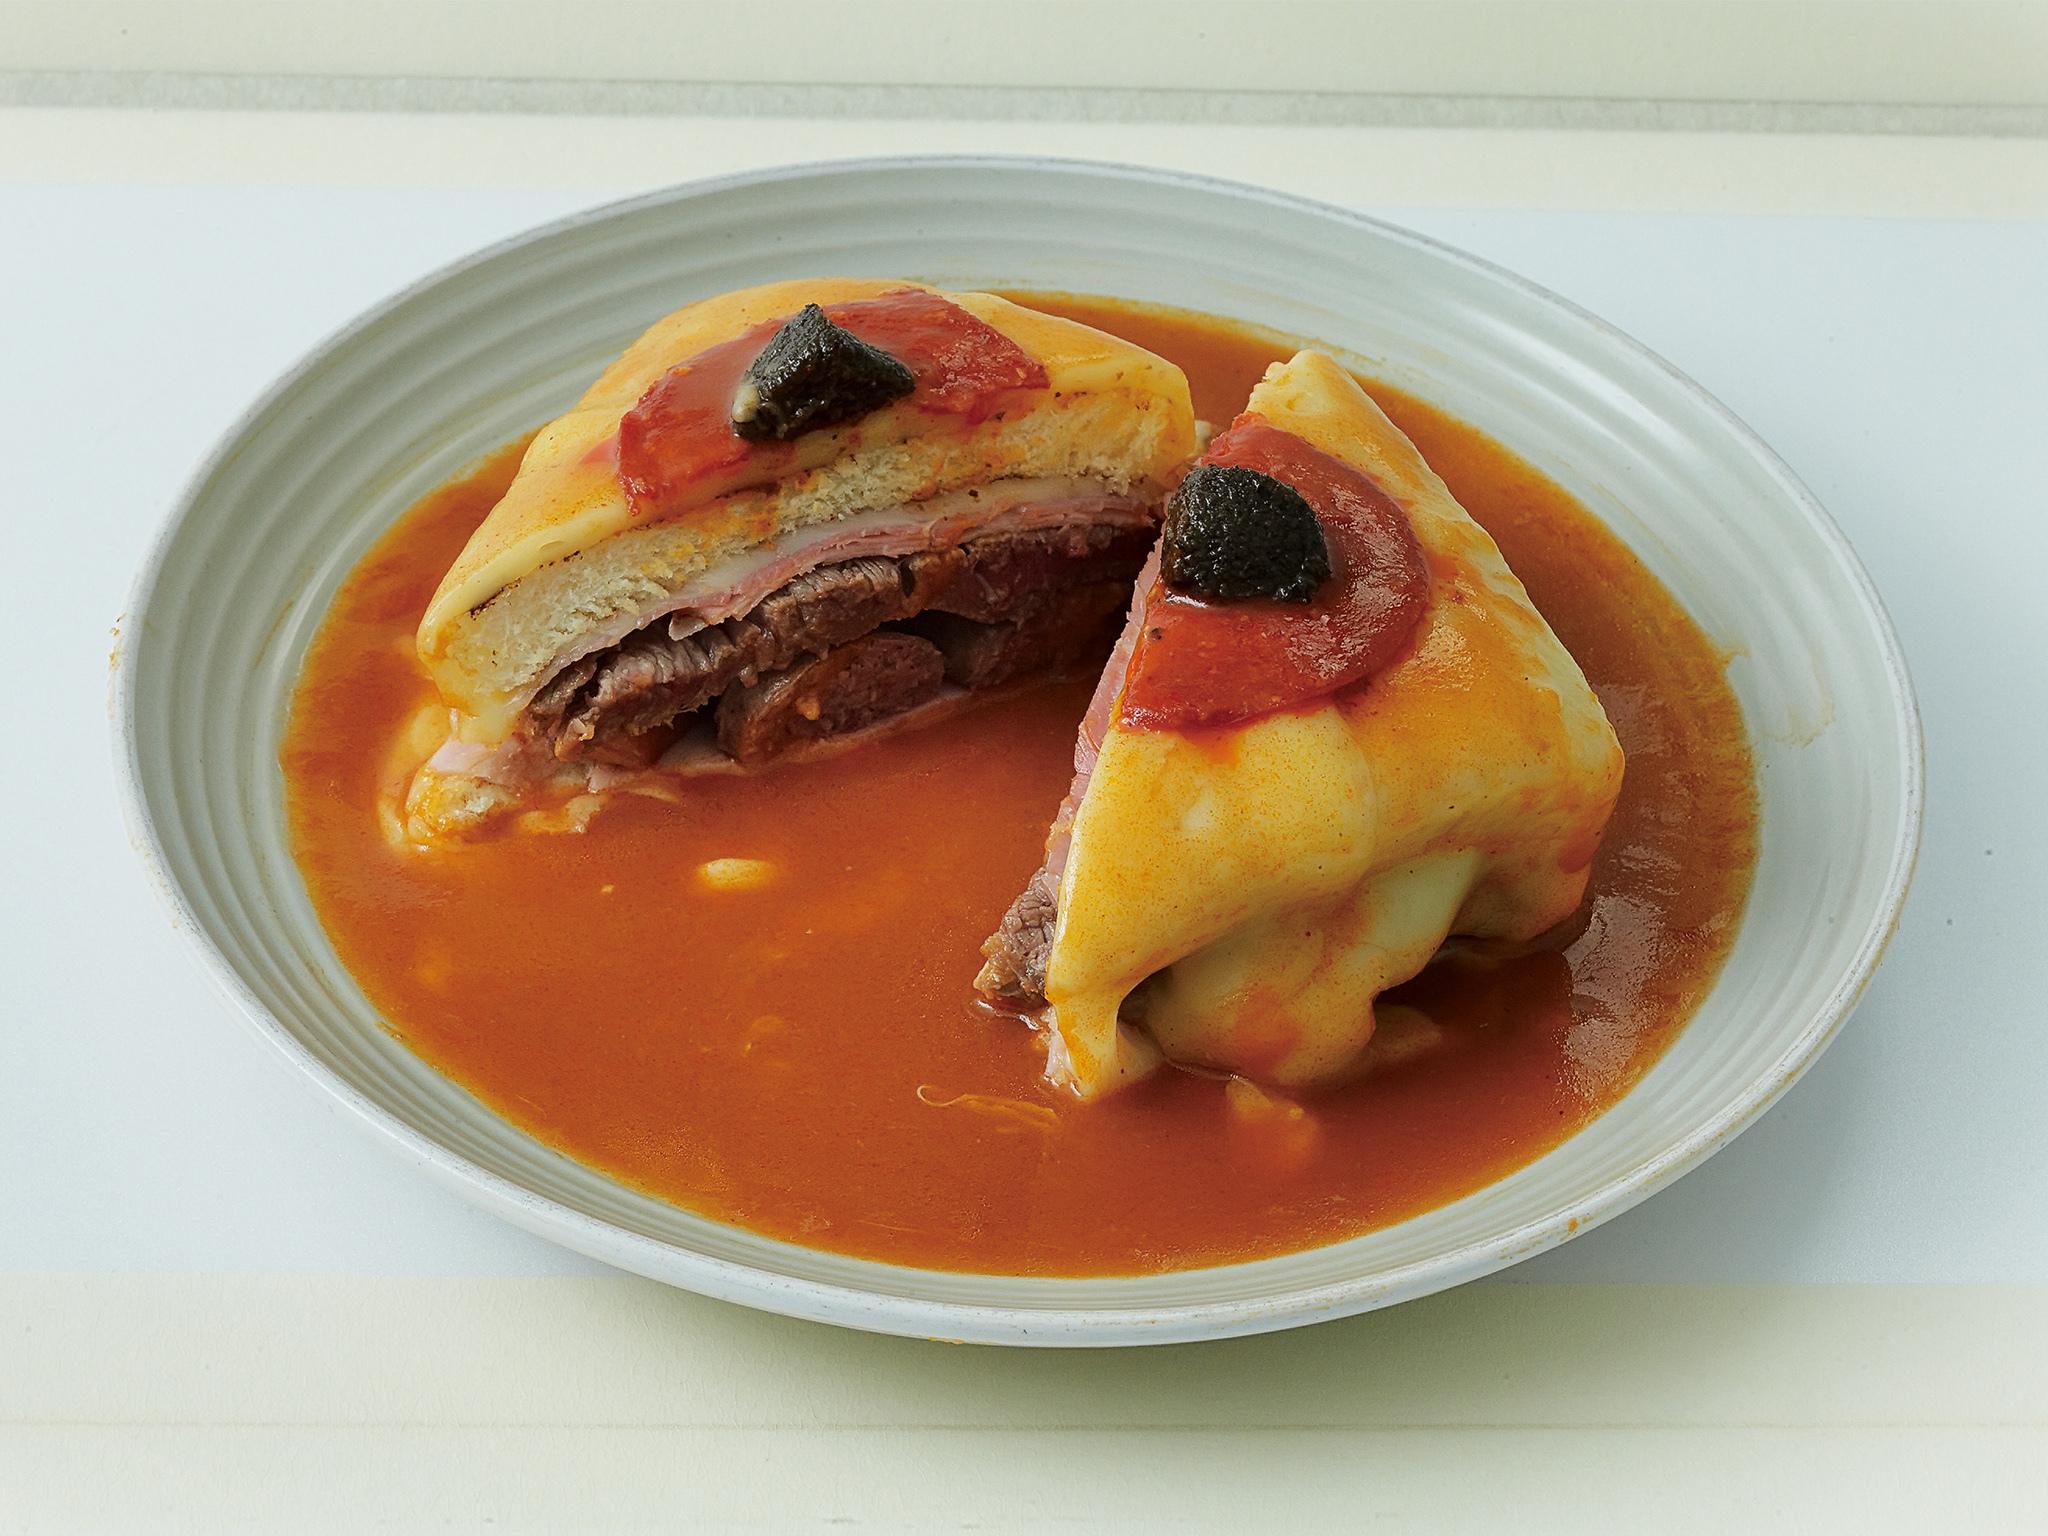 Taverna de Portugal